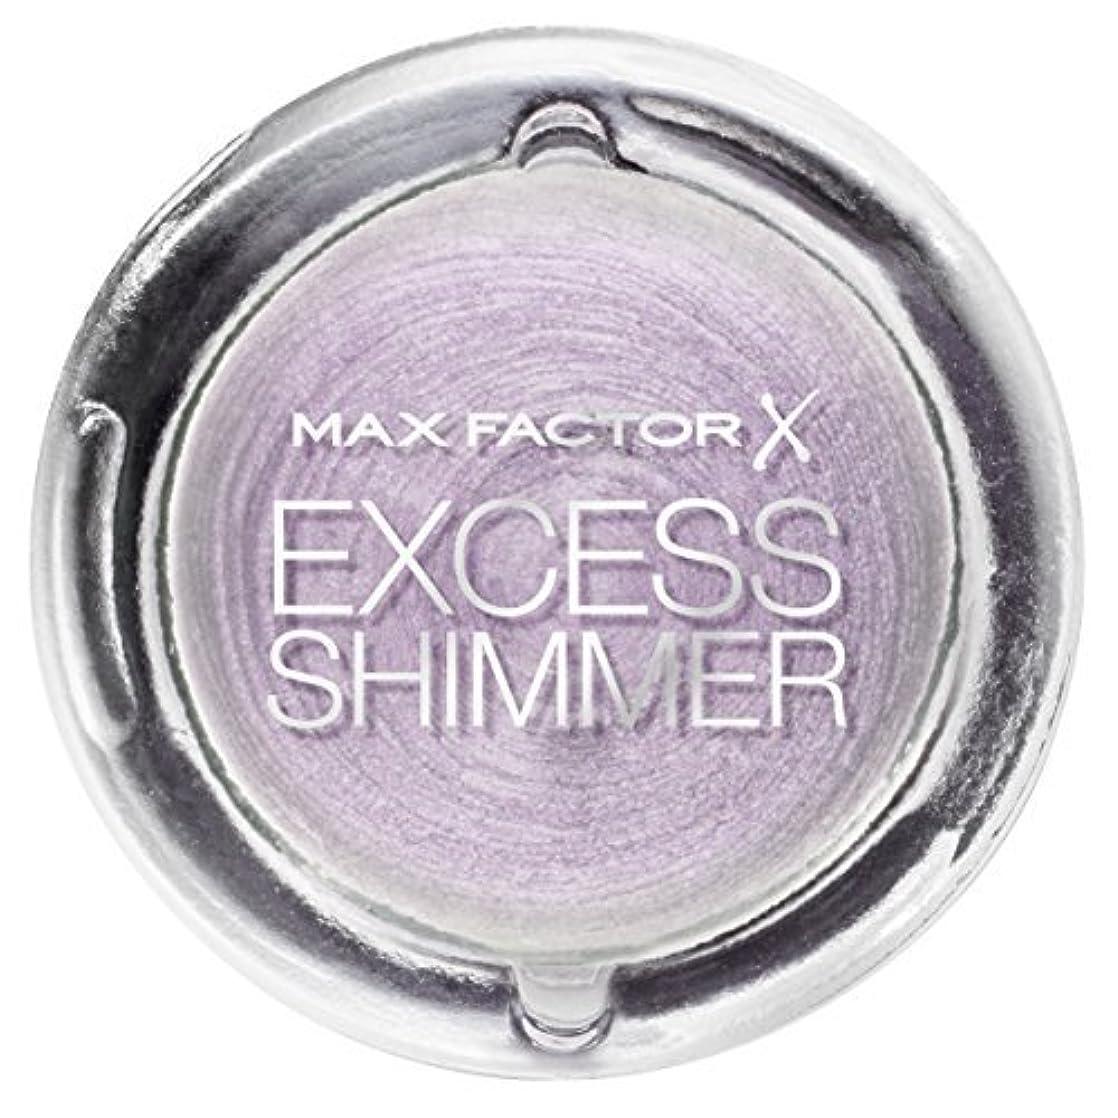 タール優雅集まるExcess Shimmer Eyeshadow by Max Factor Pink Opal 15 by Max Factor